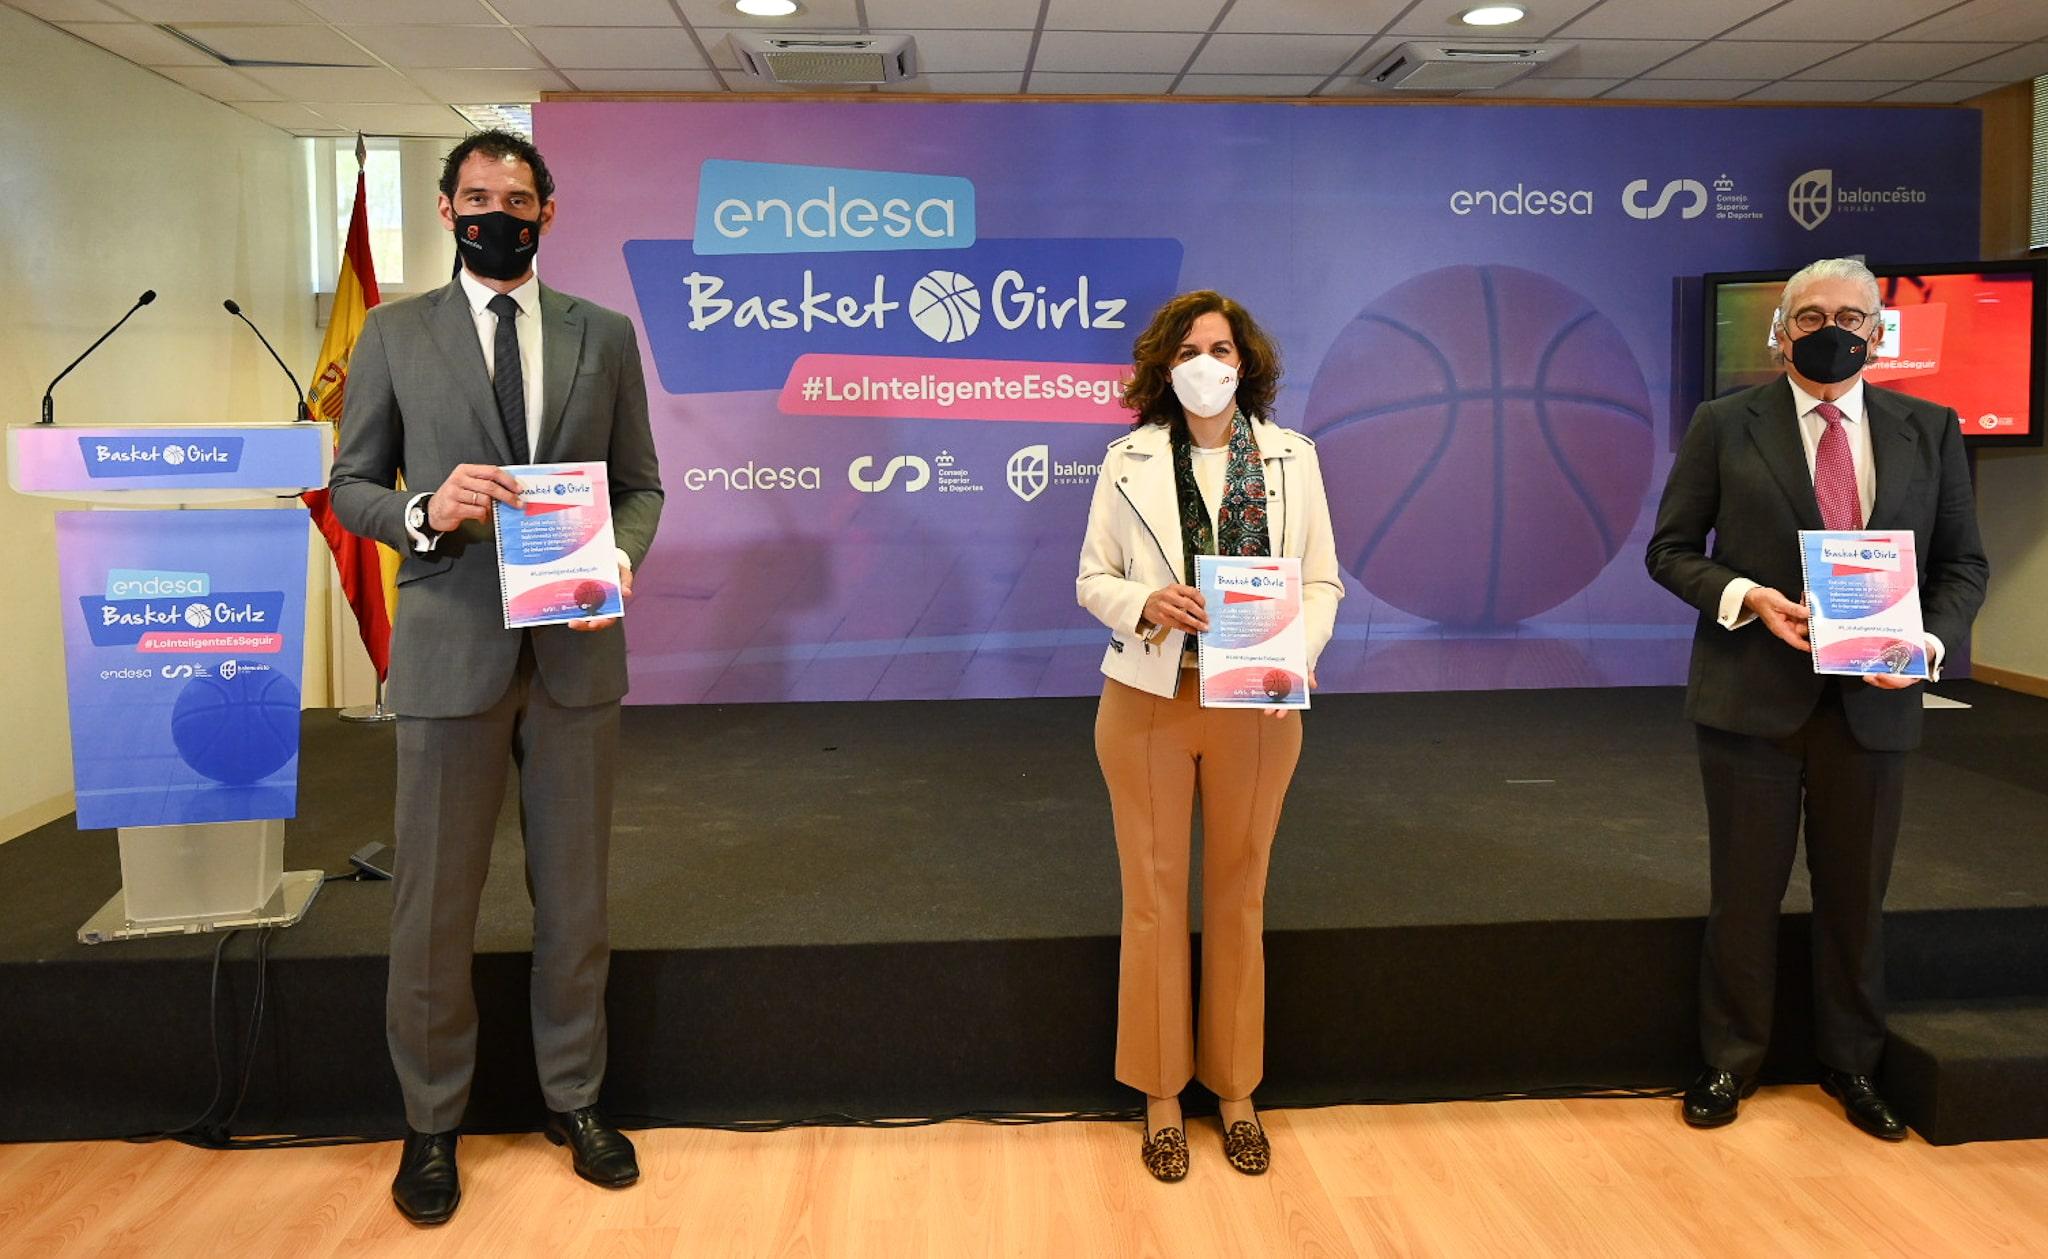 El presidente de la FEB, Jorge Garbajosa, la Presidenta del CSD, Irene Lozano, y el CEO de Endesa, José Bogas en la presentación de Basket Girlz. @Endesa